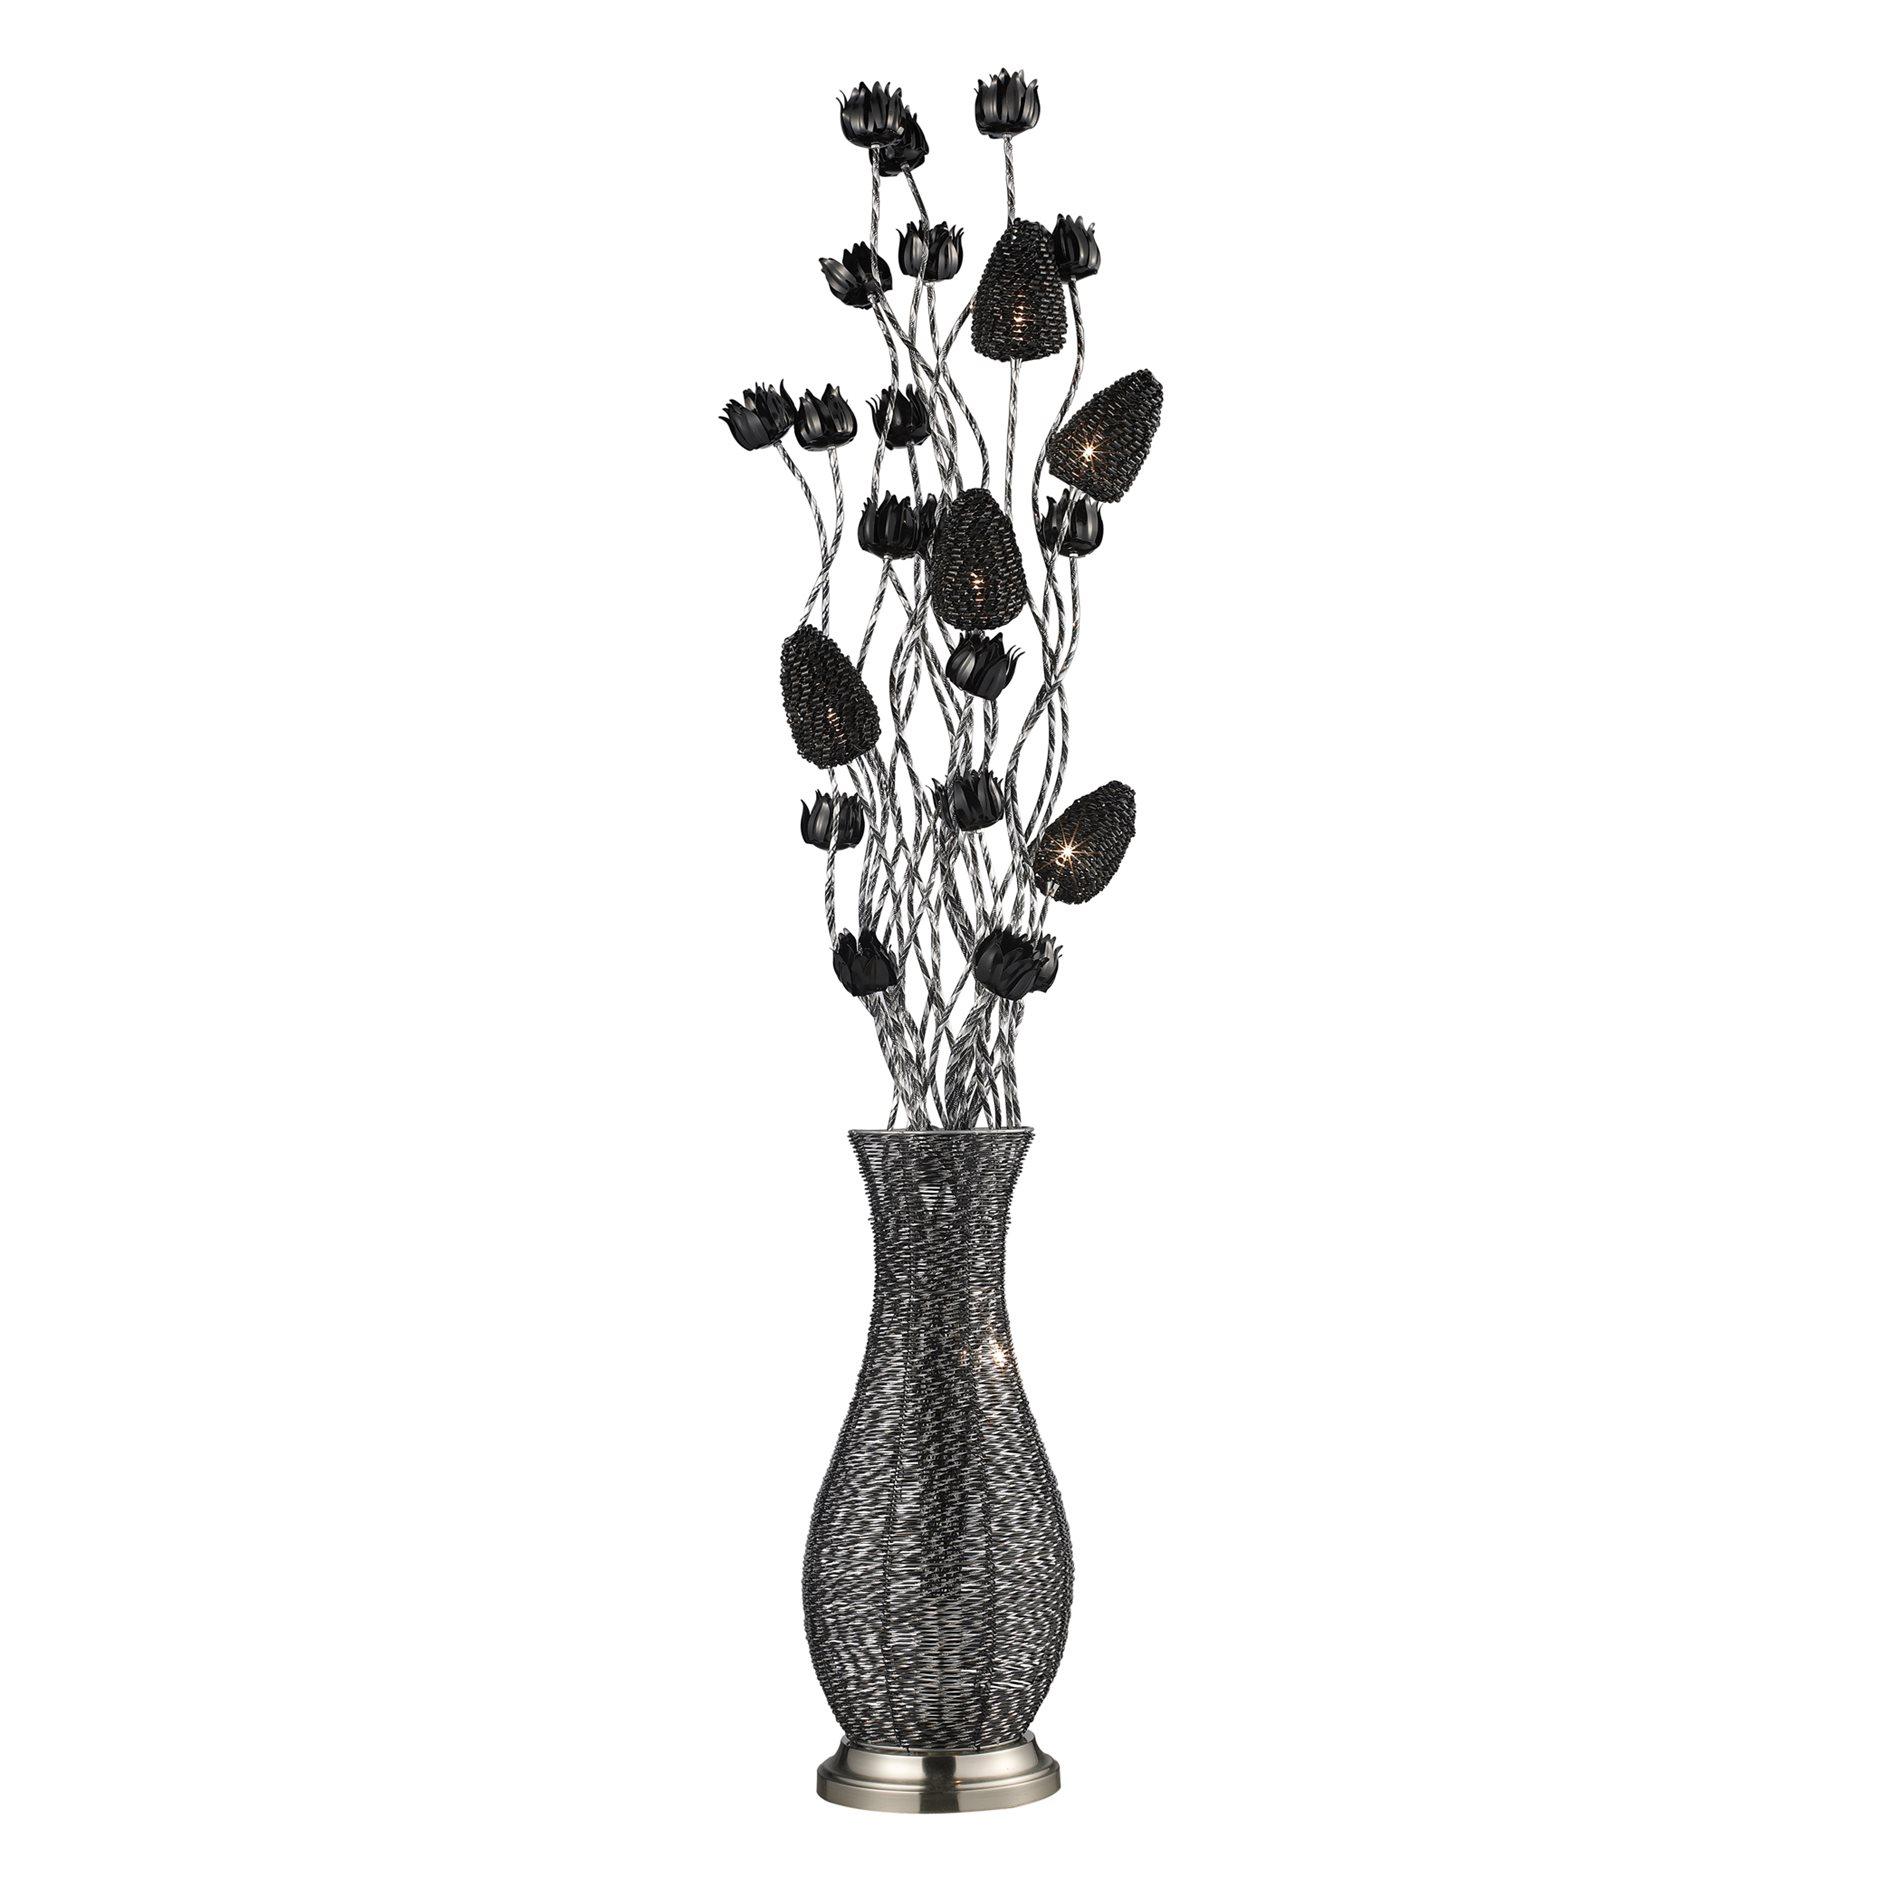 Dimond D Cyprus Grove Contemporary Ceramic Floor Lamp